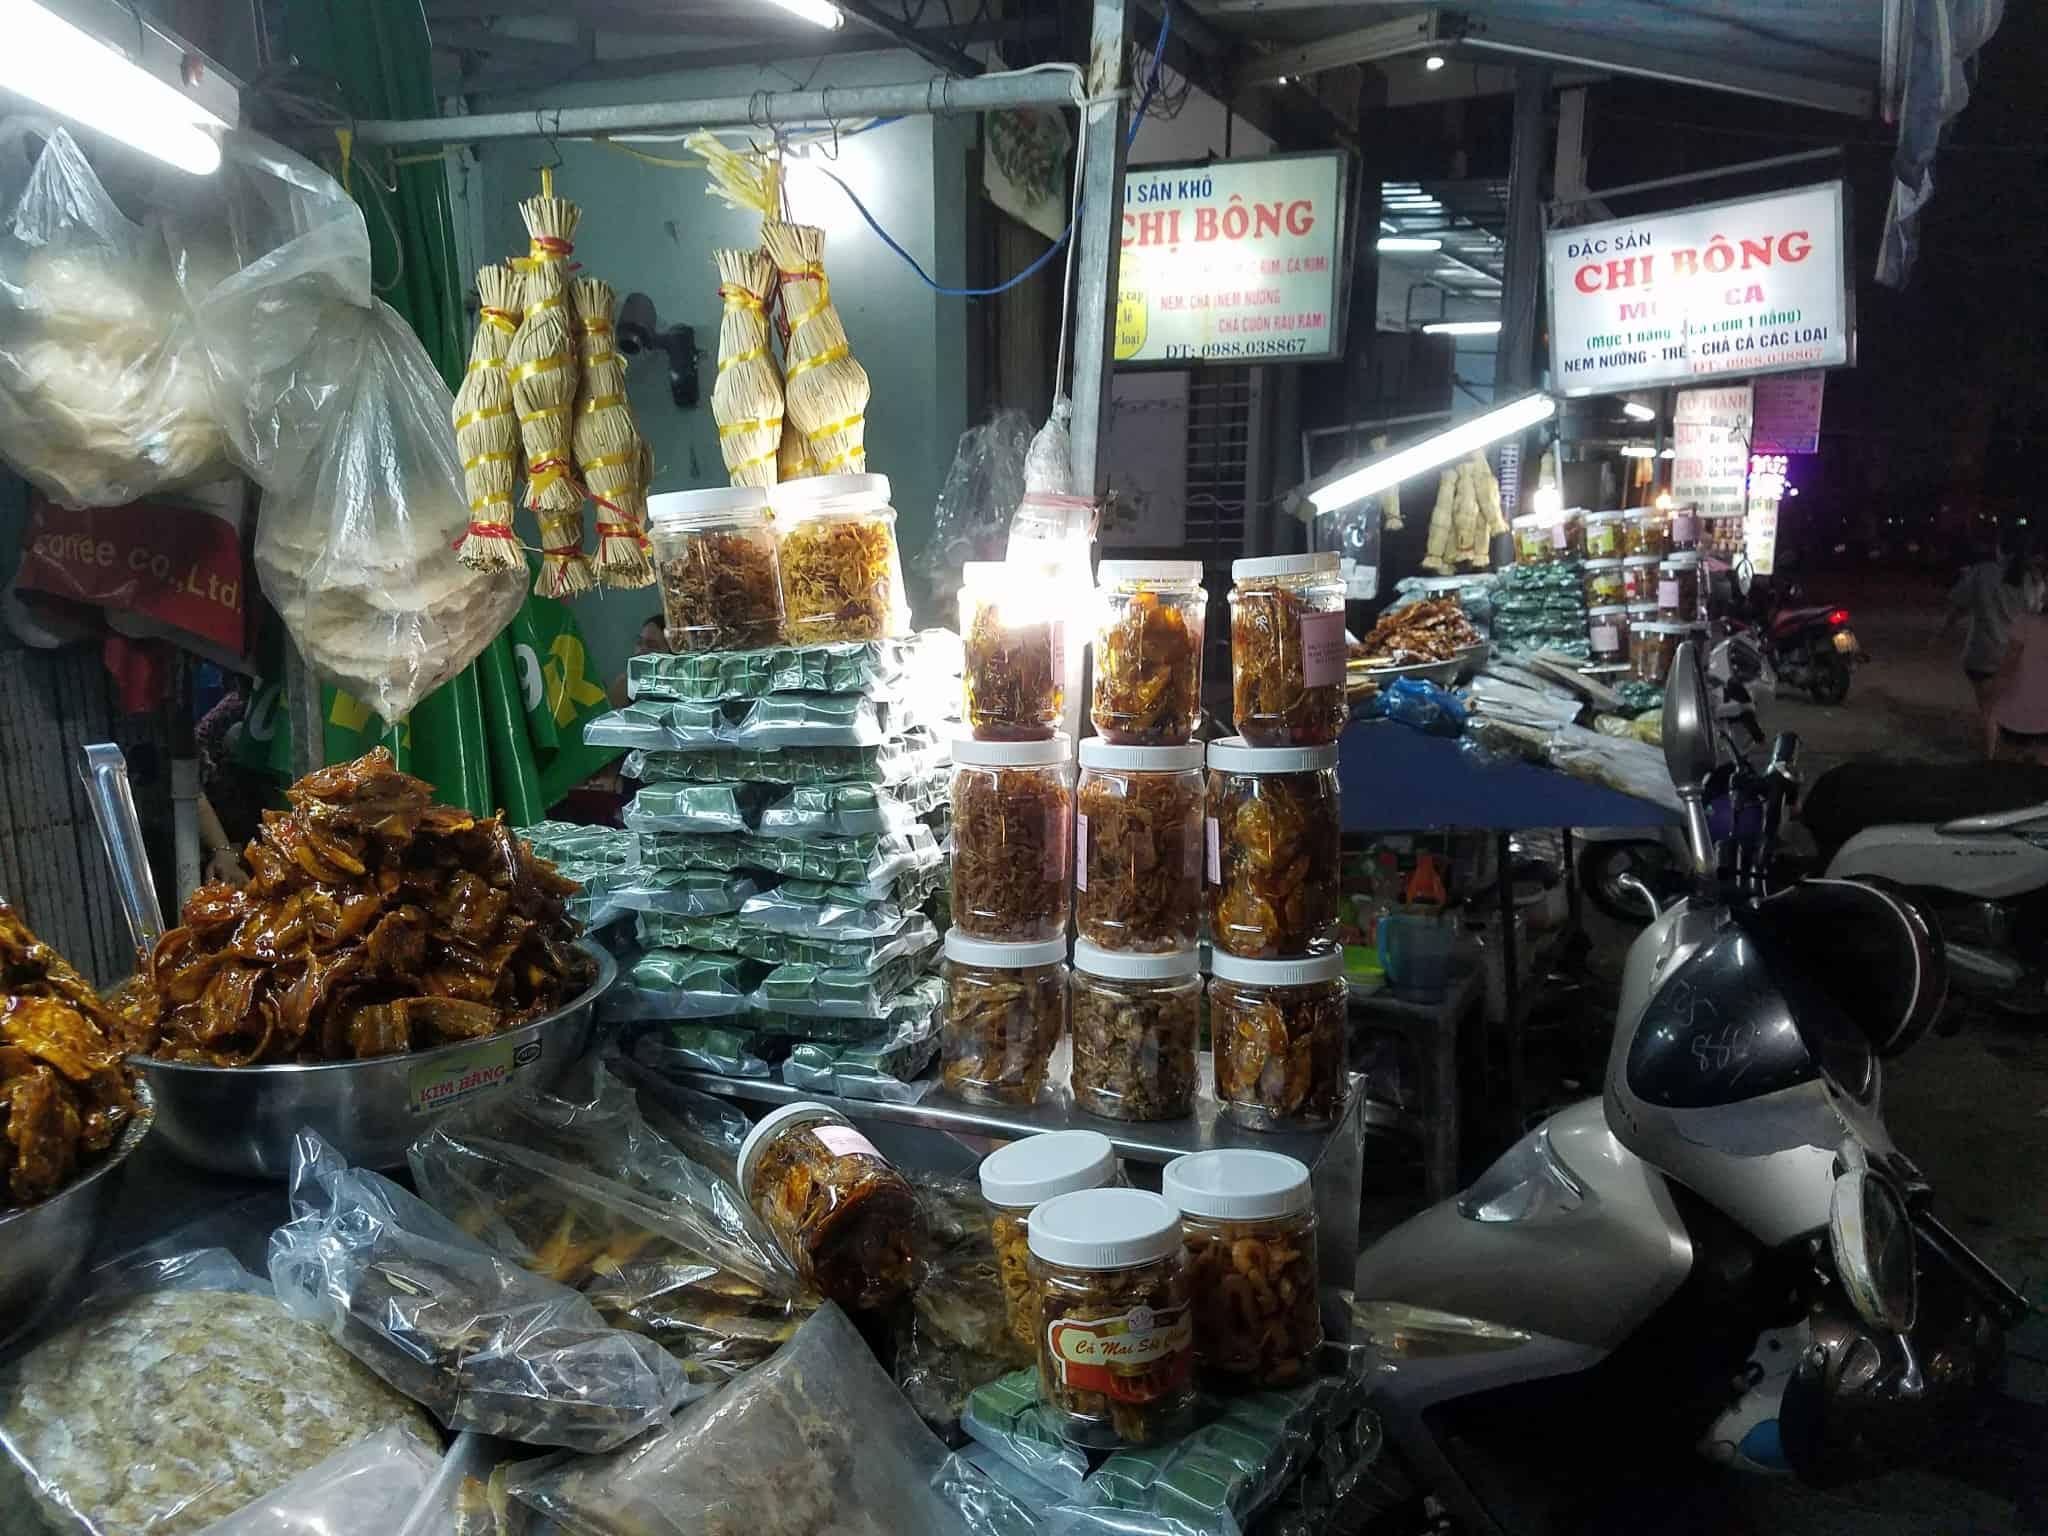 Tìm mua đặc sản Quy Nhơn ngay tại phố Ngô Văn Sở - Nguồn ảnh: Internet